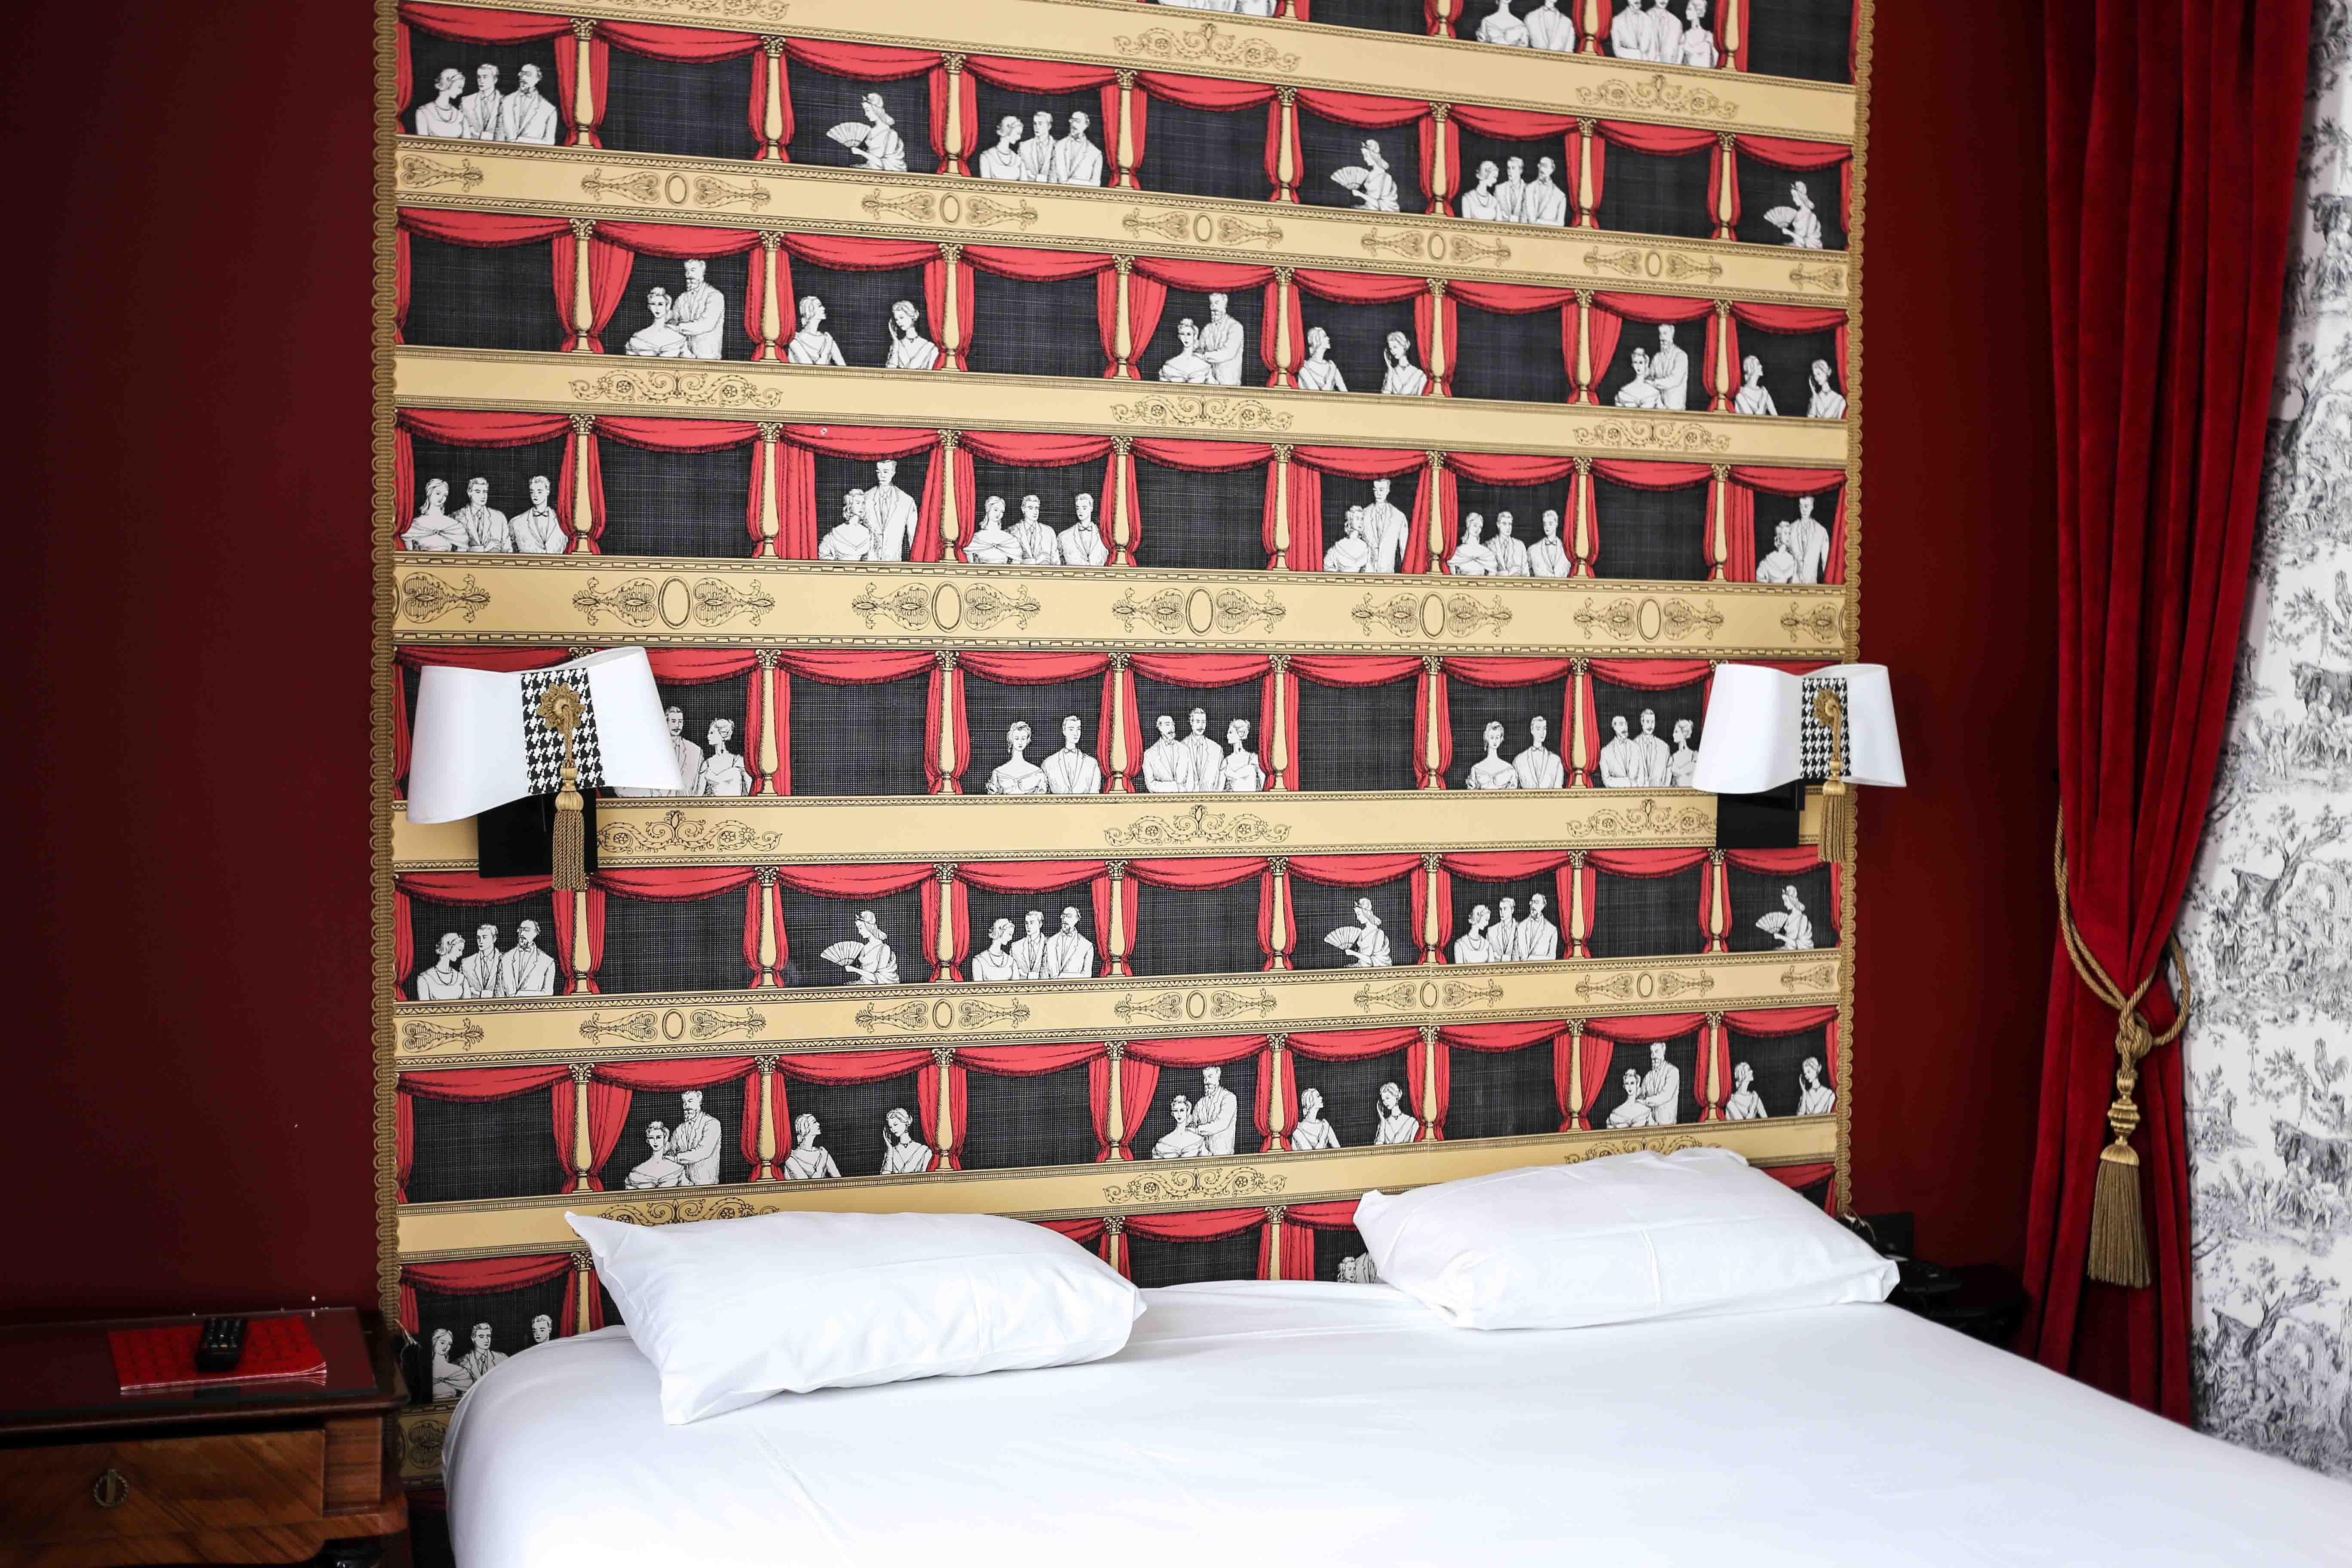 hotel-sacha-happy-culture-montmartre-paris-3-sterne-empfehlung-review-reiseblog-travelblog-blogger_1366